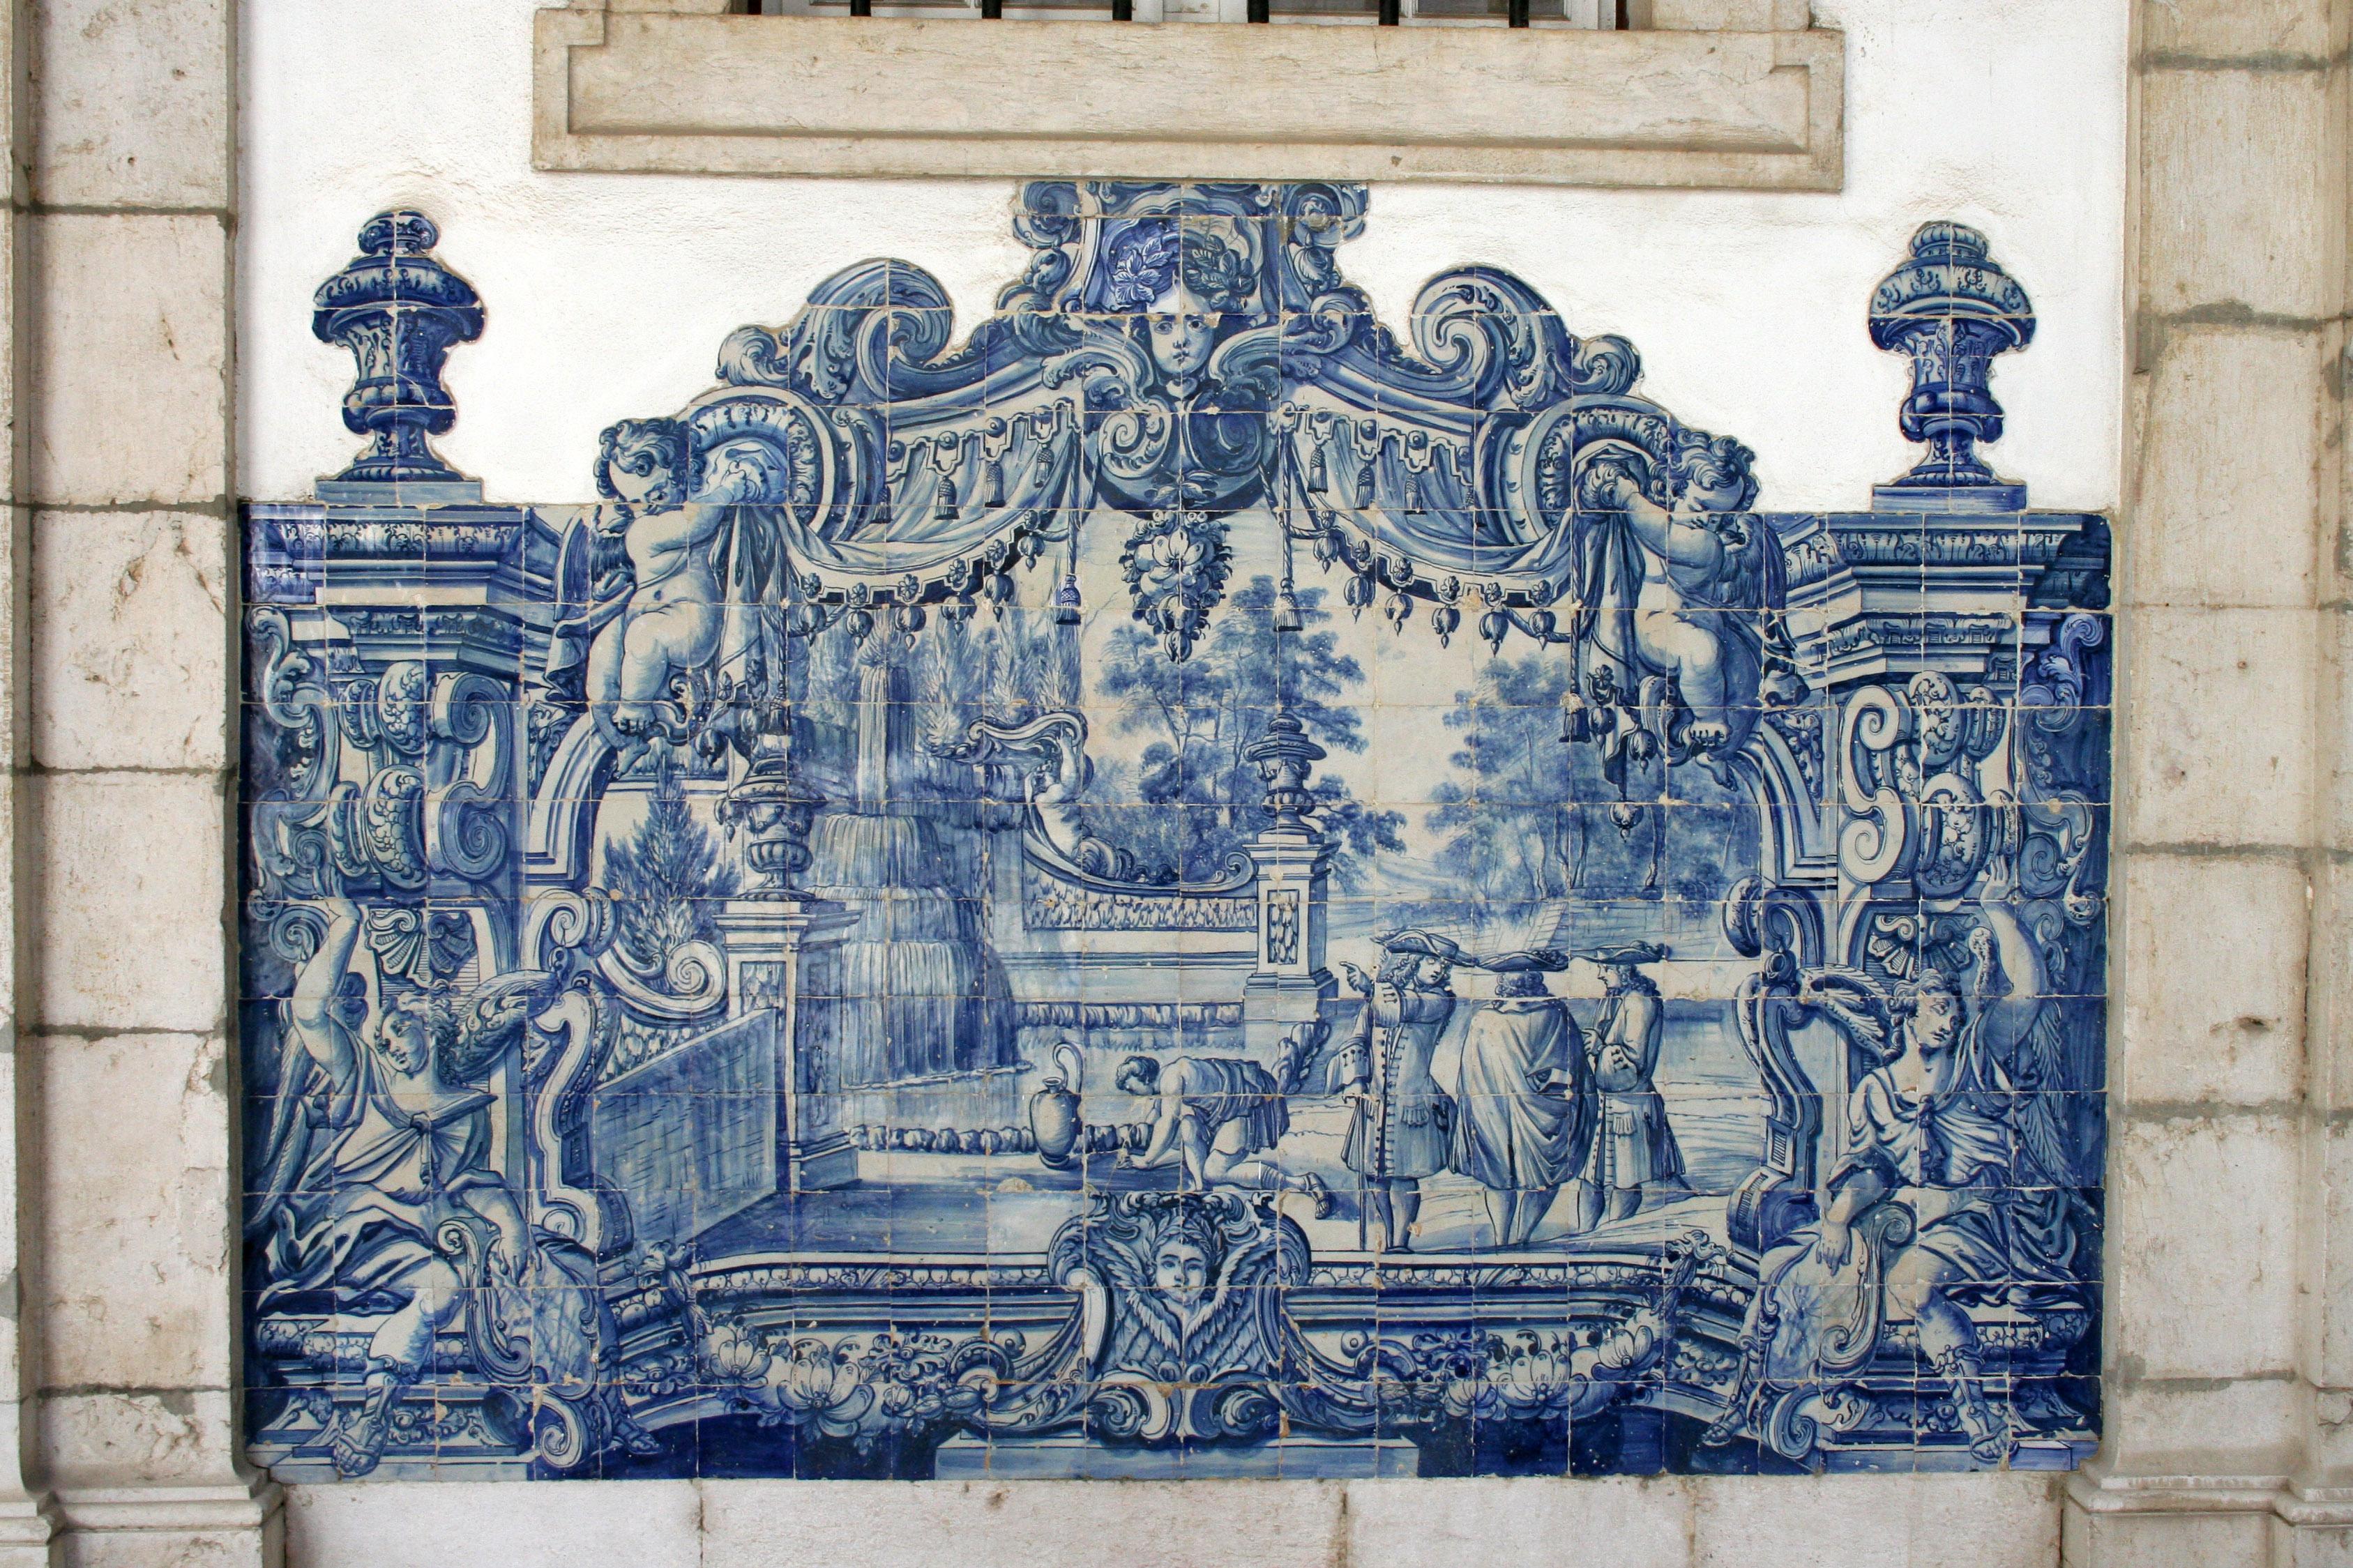 Resultado de imagem para convento sao vicente fora azulejos